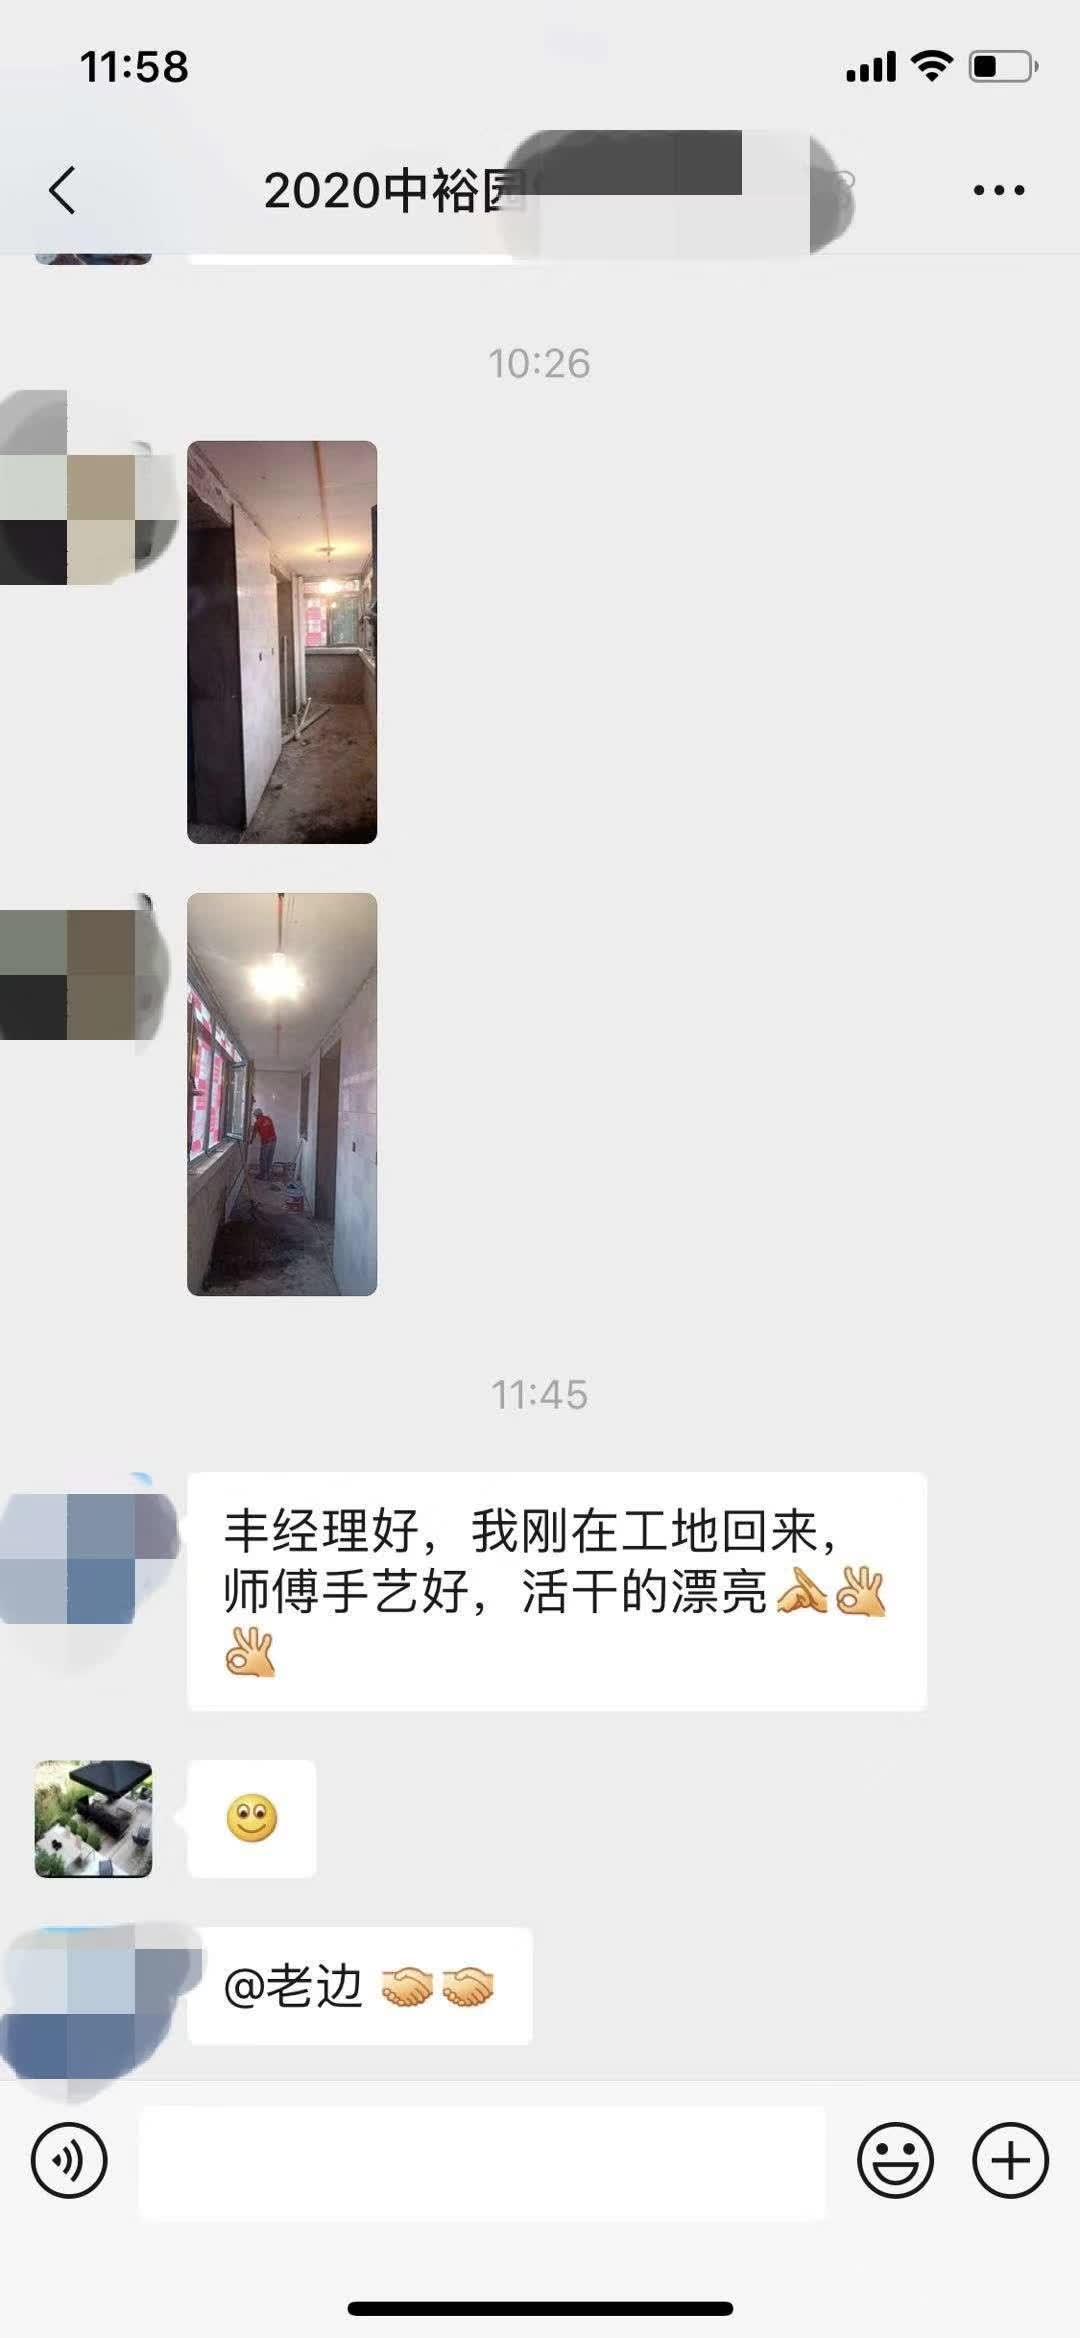 【塞纳春天装饰客户反馈】河西区中裕园 业主晒评